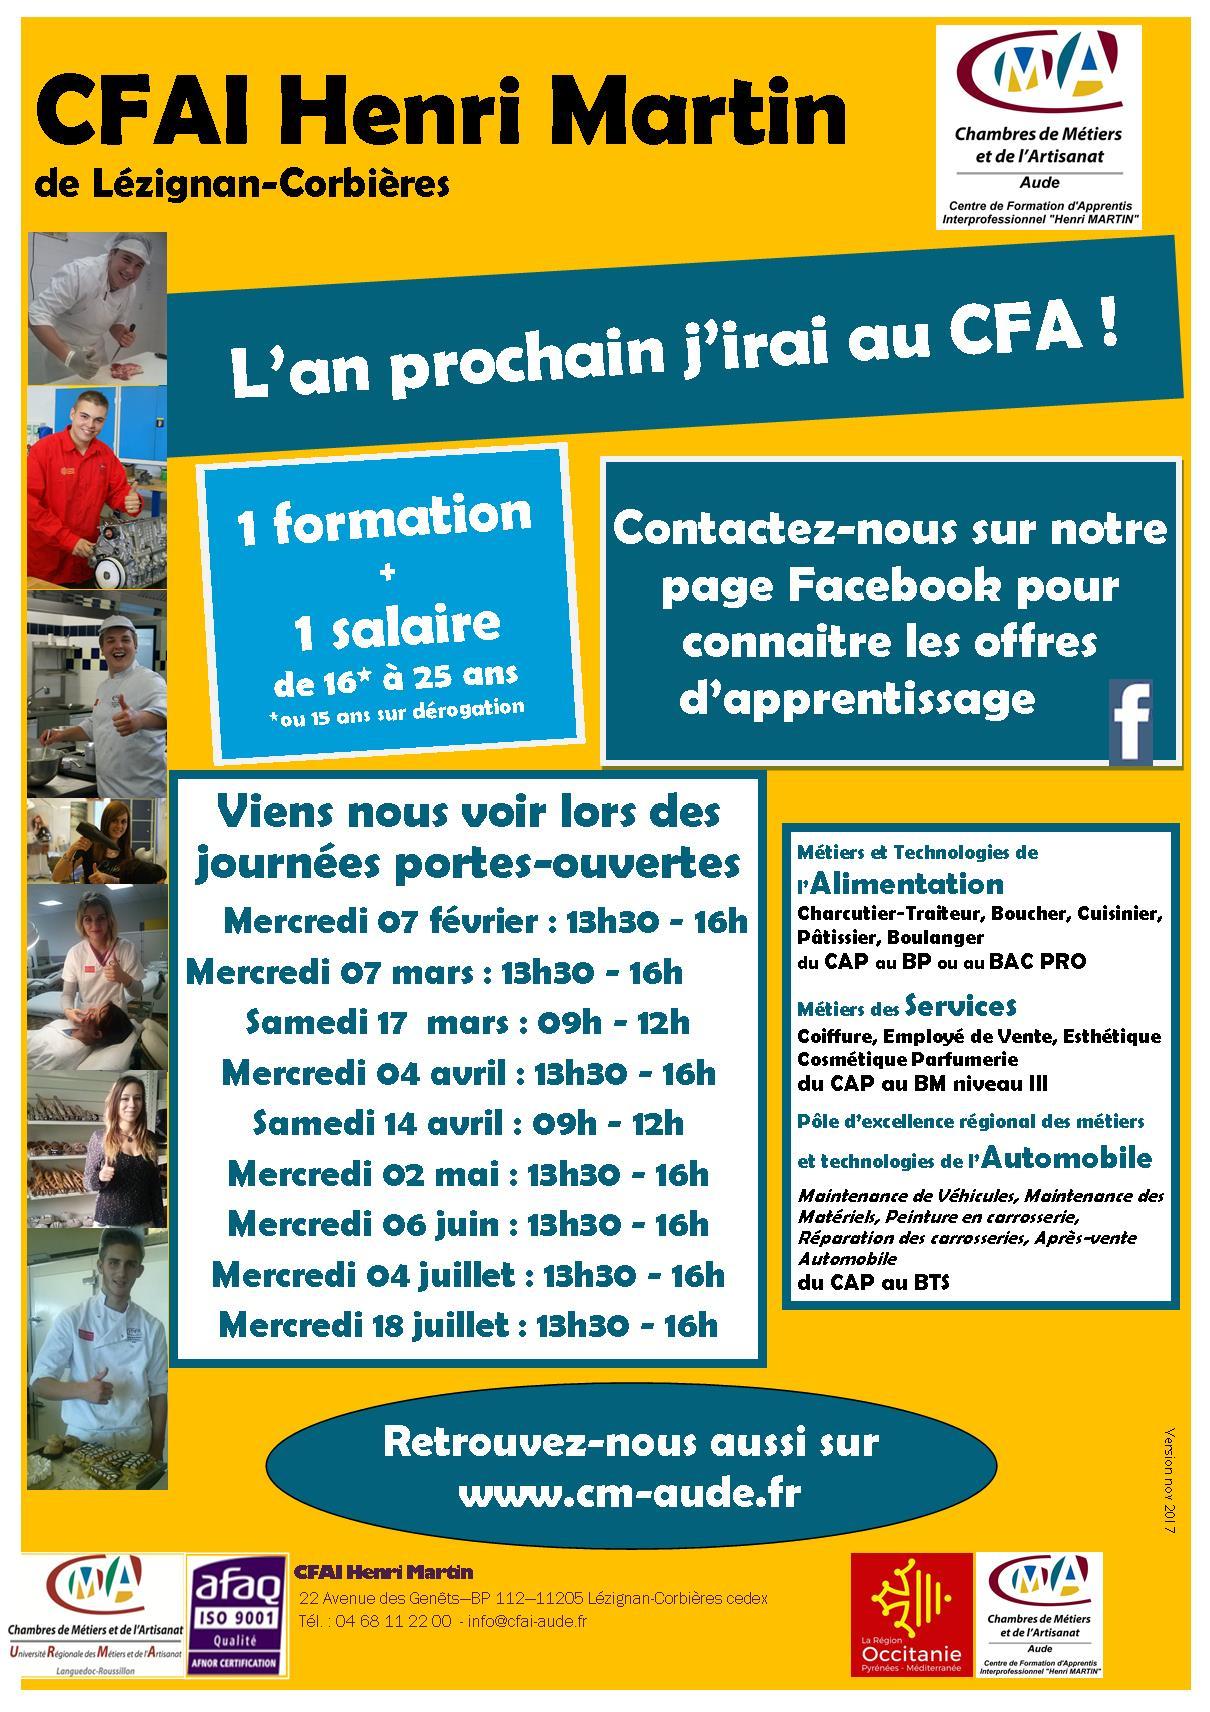 Chambre Des Métiers Et De L'Artisanat De L'Aude à Stage Chambre Des Métiers